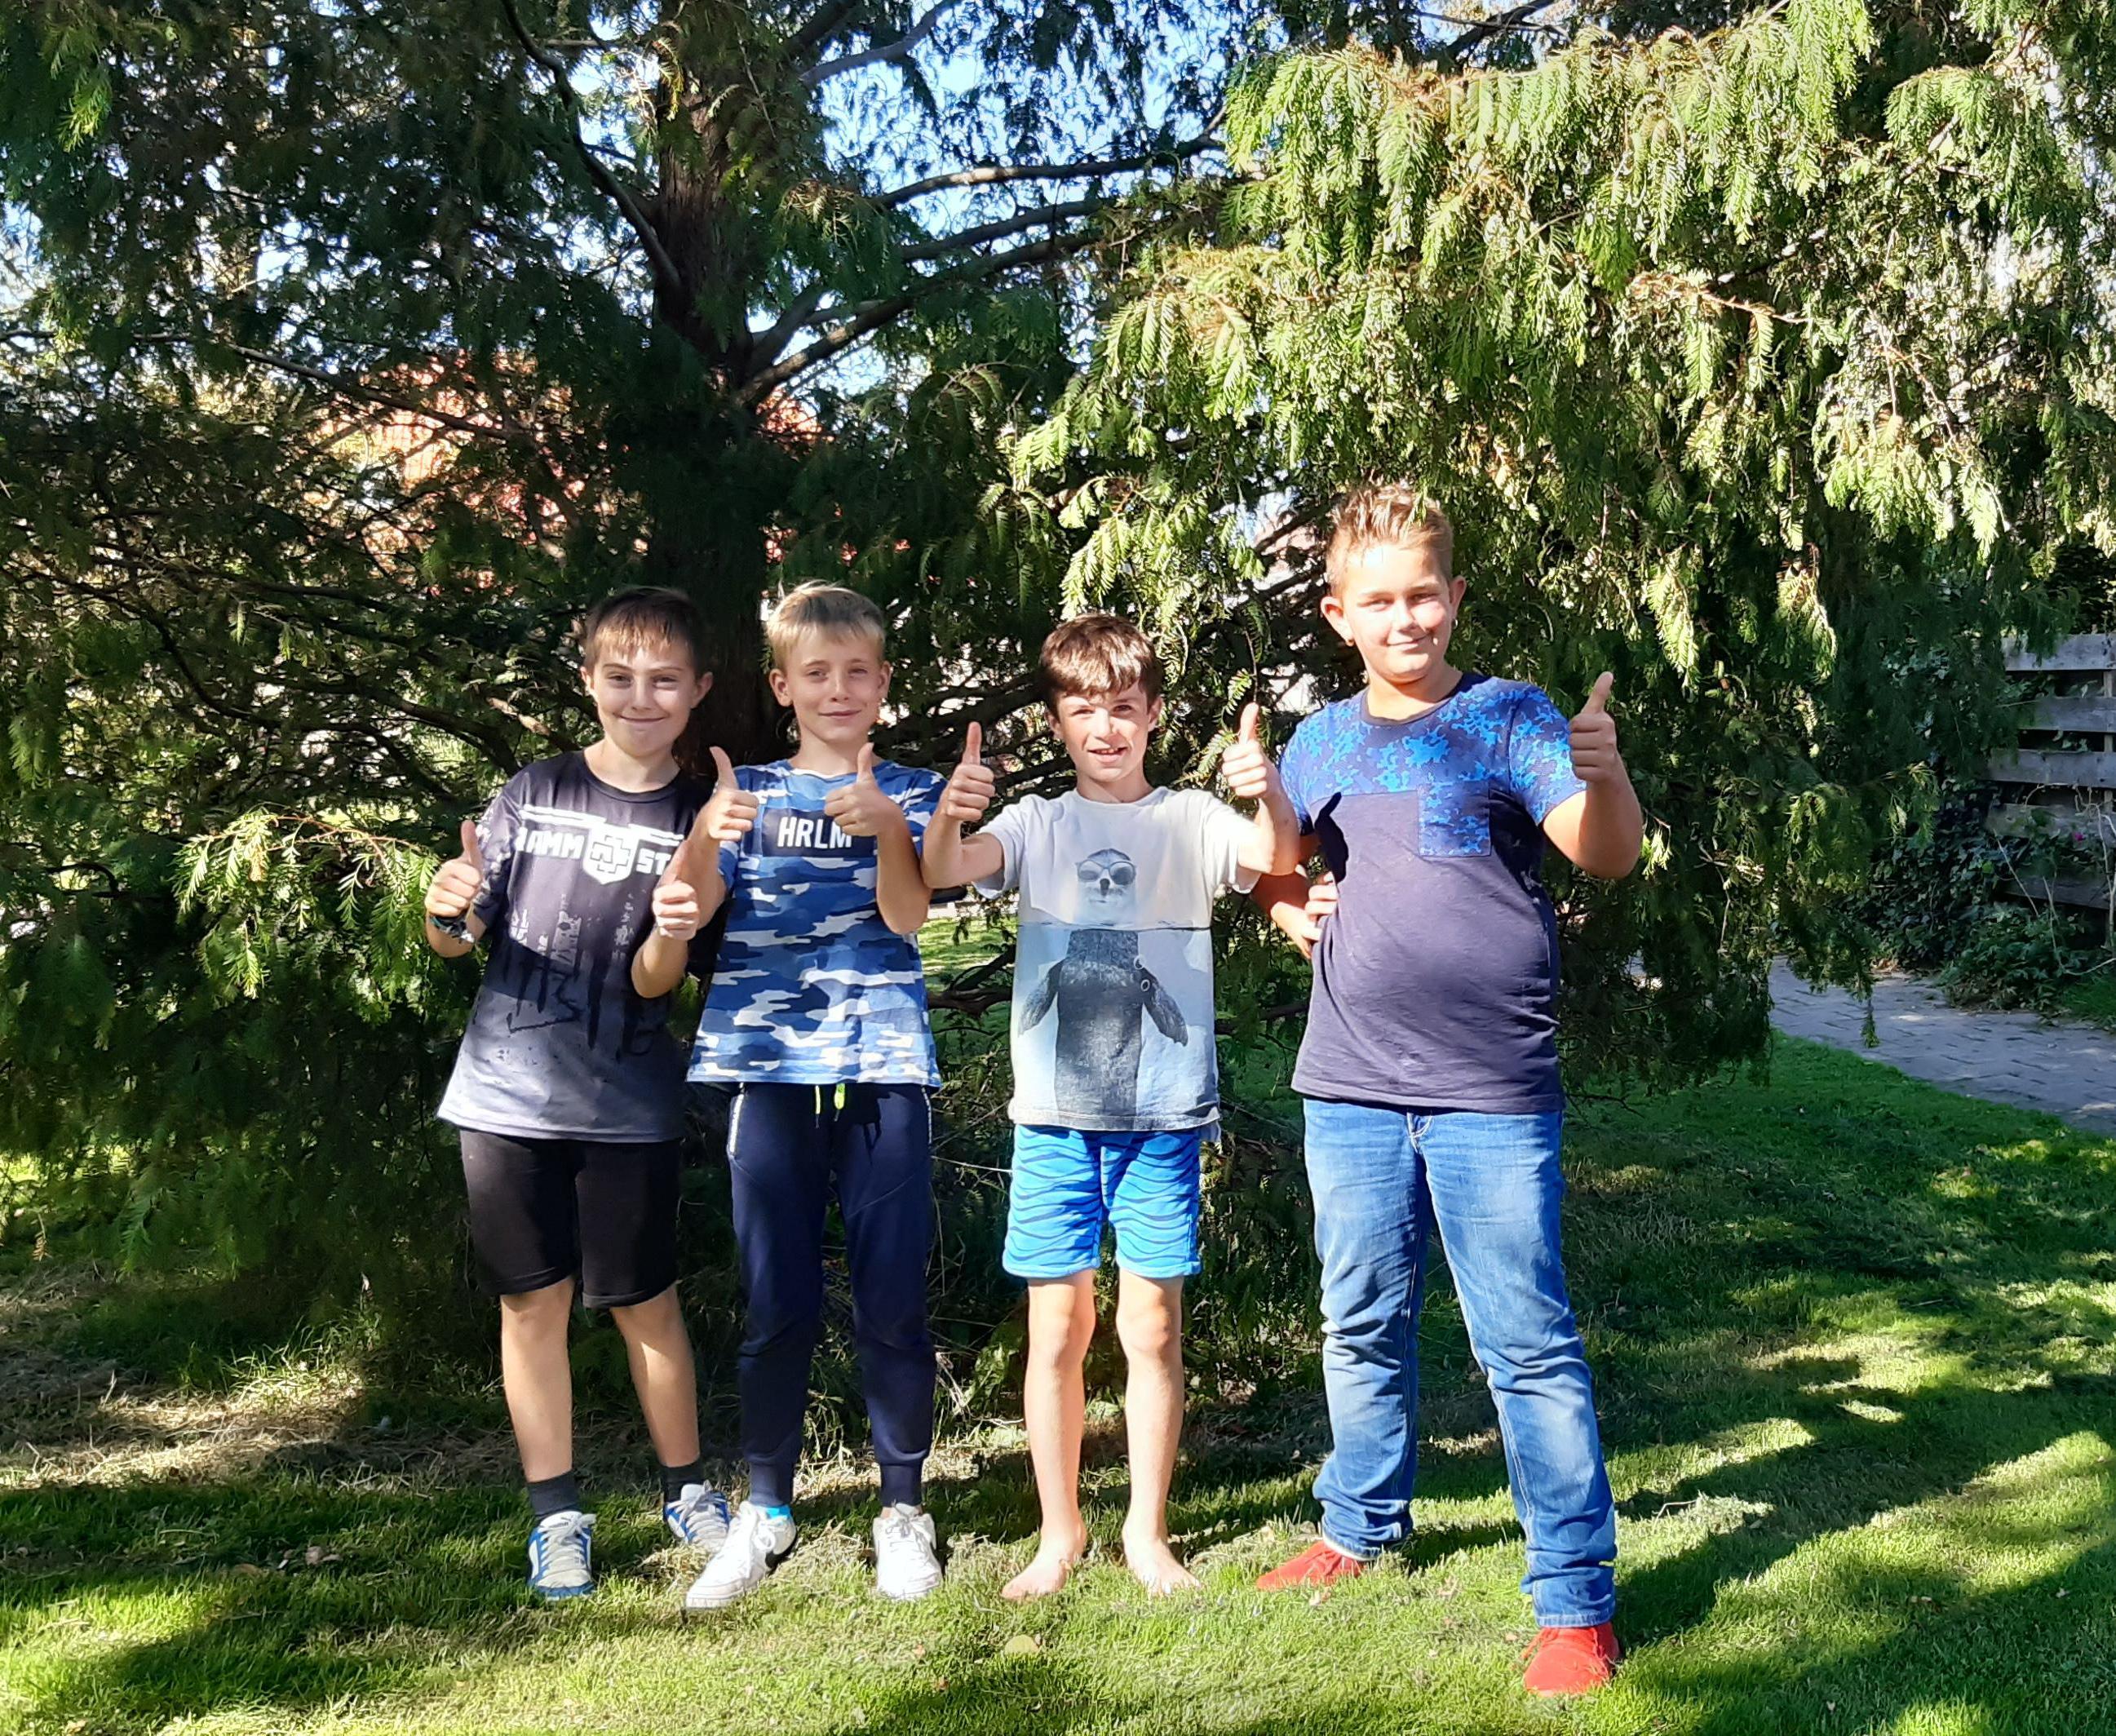 Abbekerkse vrienden zijn te groot voor de speeltuin: 'Wij willen een skatebaan!'